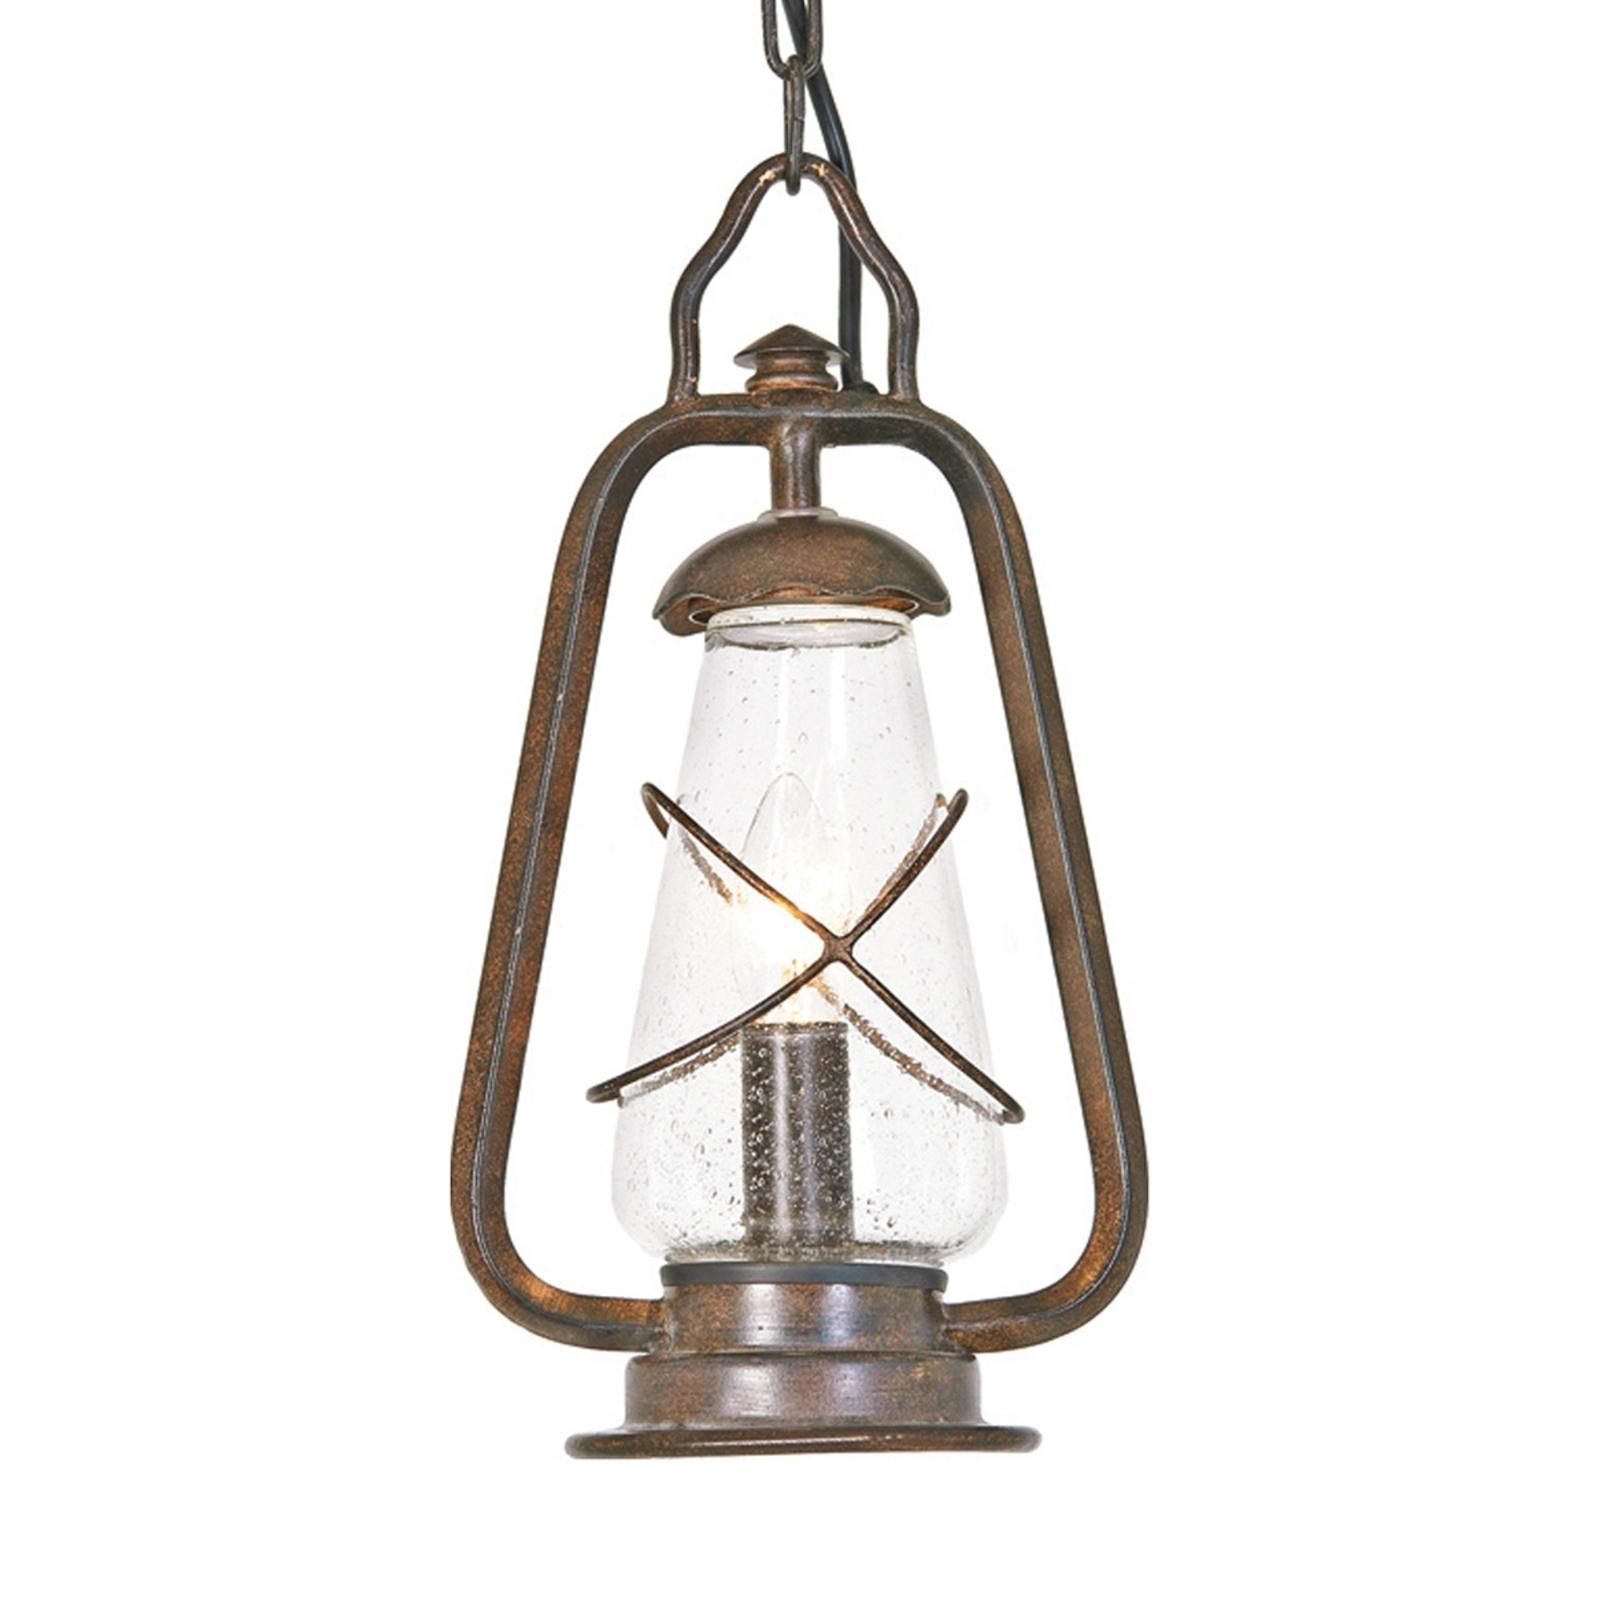 Lampa wisząca MINERS w stylu lampy górniczej